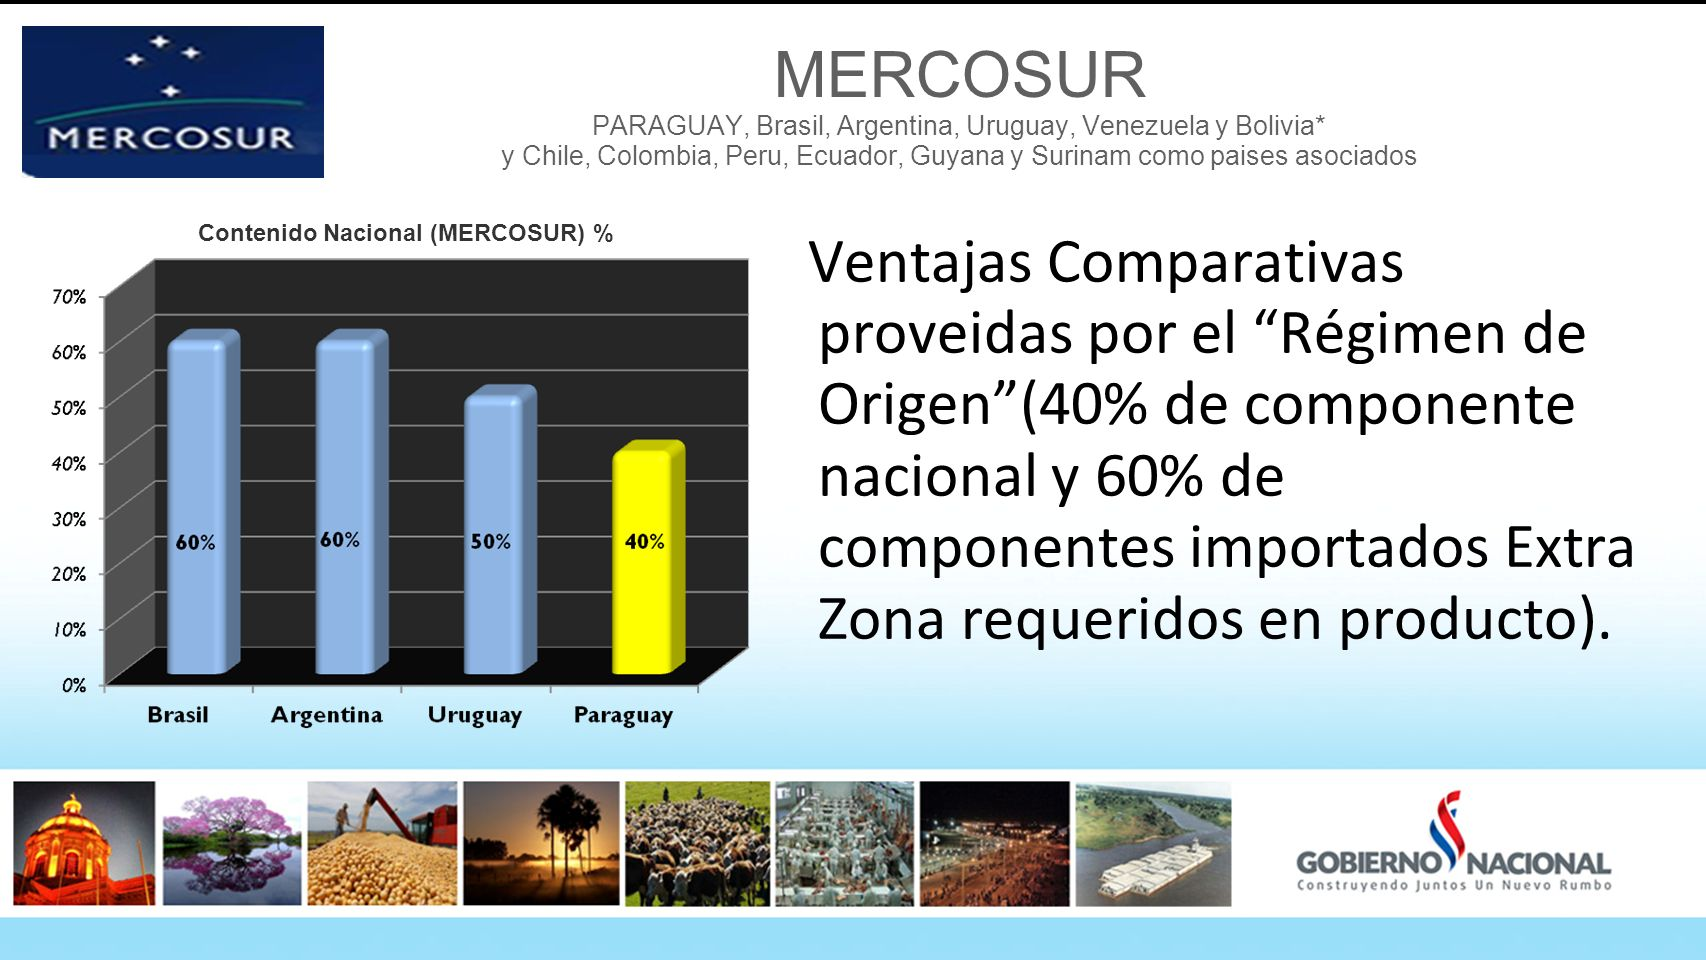 MERCOSUR PARAGUAY, Brasil, Argentina, Uruguay, Venezuela y Bolivia* y Chile, Colombia, Peru, Ecuador, Guyana y Surinam como paises asociados Ventajas Comparativas proveidas por el Régimen de Origen(40% de componente nacional y 60% de componentes importados Extra Zona requeridos en producto).